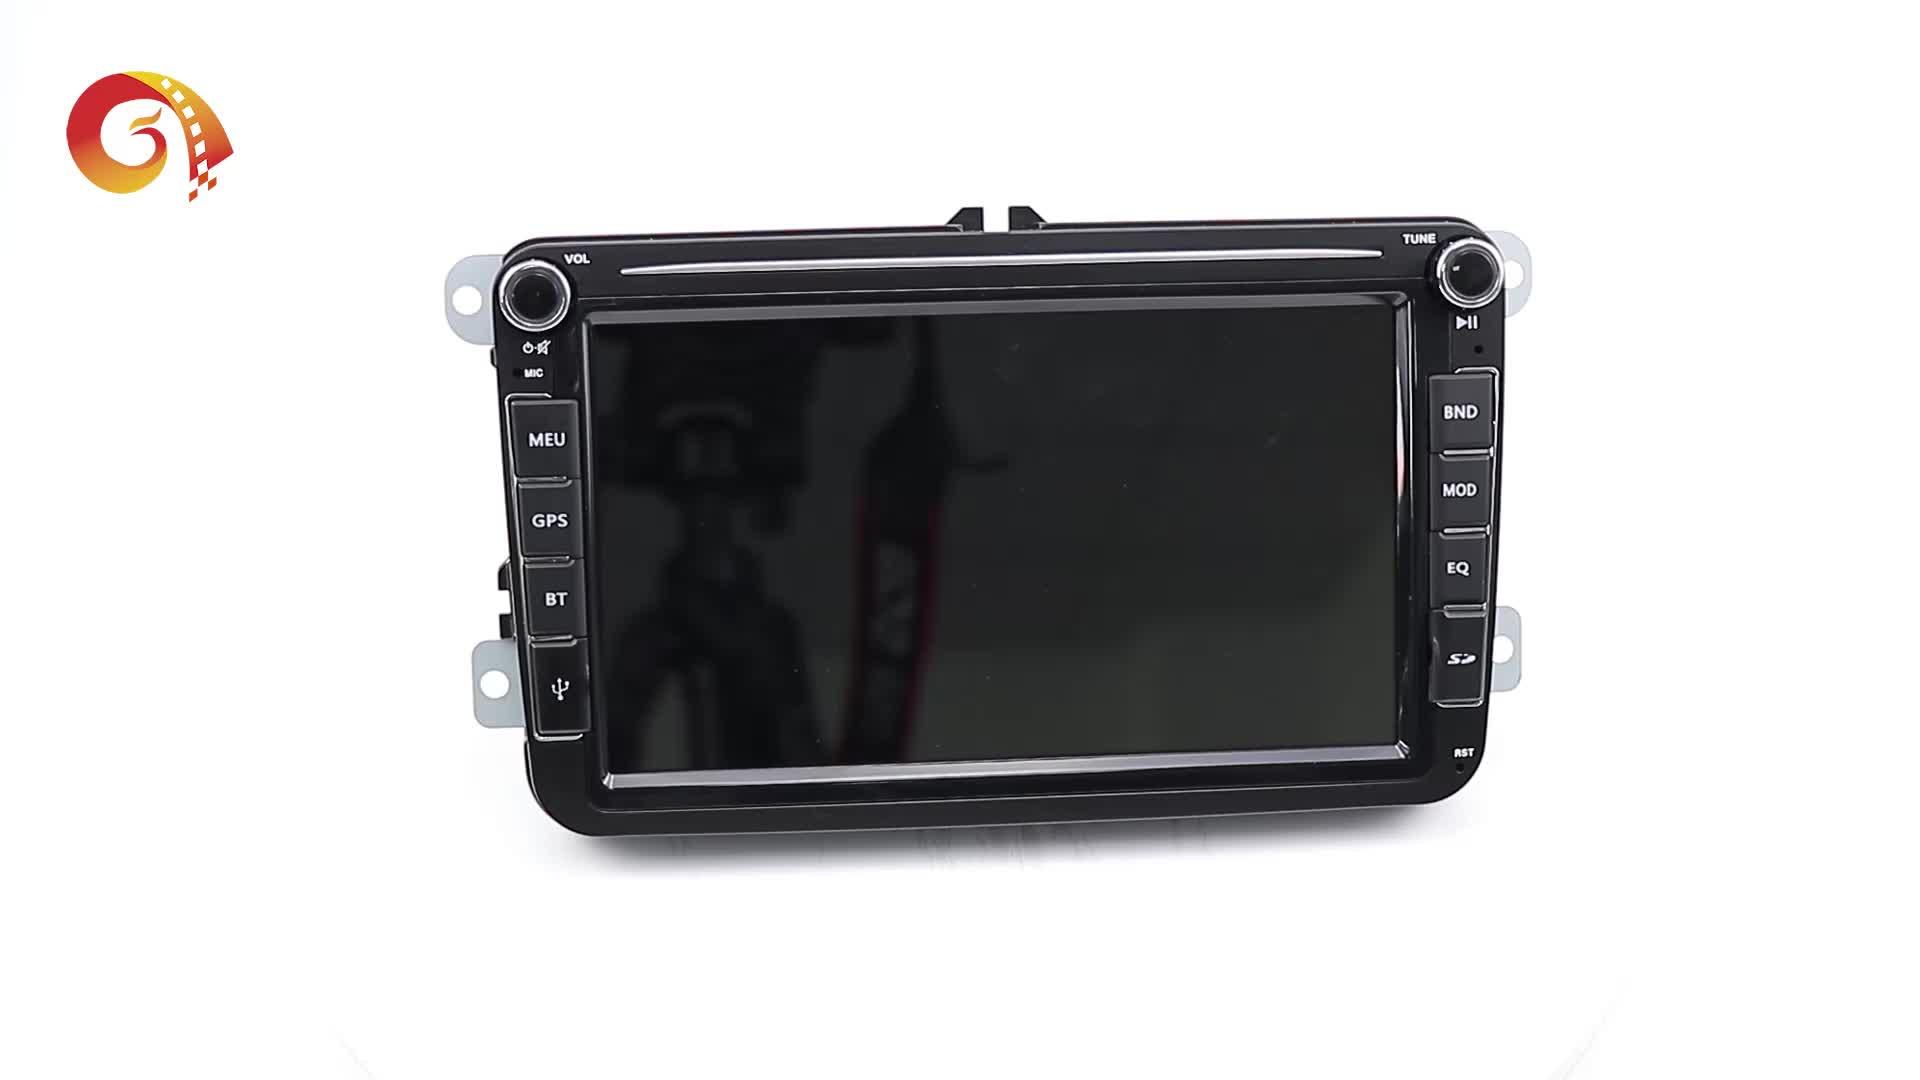 ダブルディンタッチスクリーン Bluetooth 9 インチ Vw クラフター caddy Passat CC